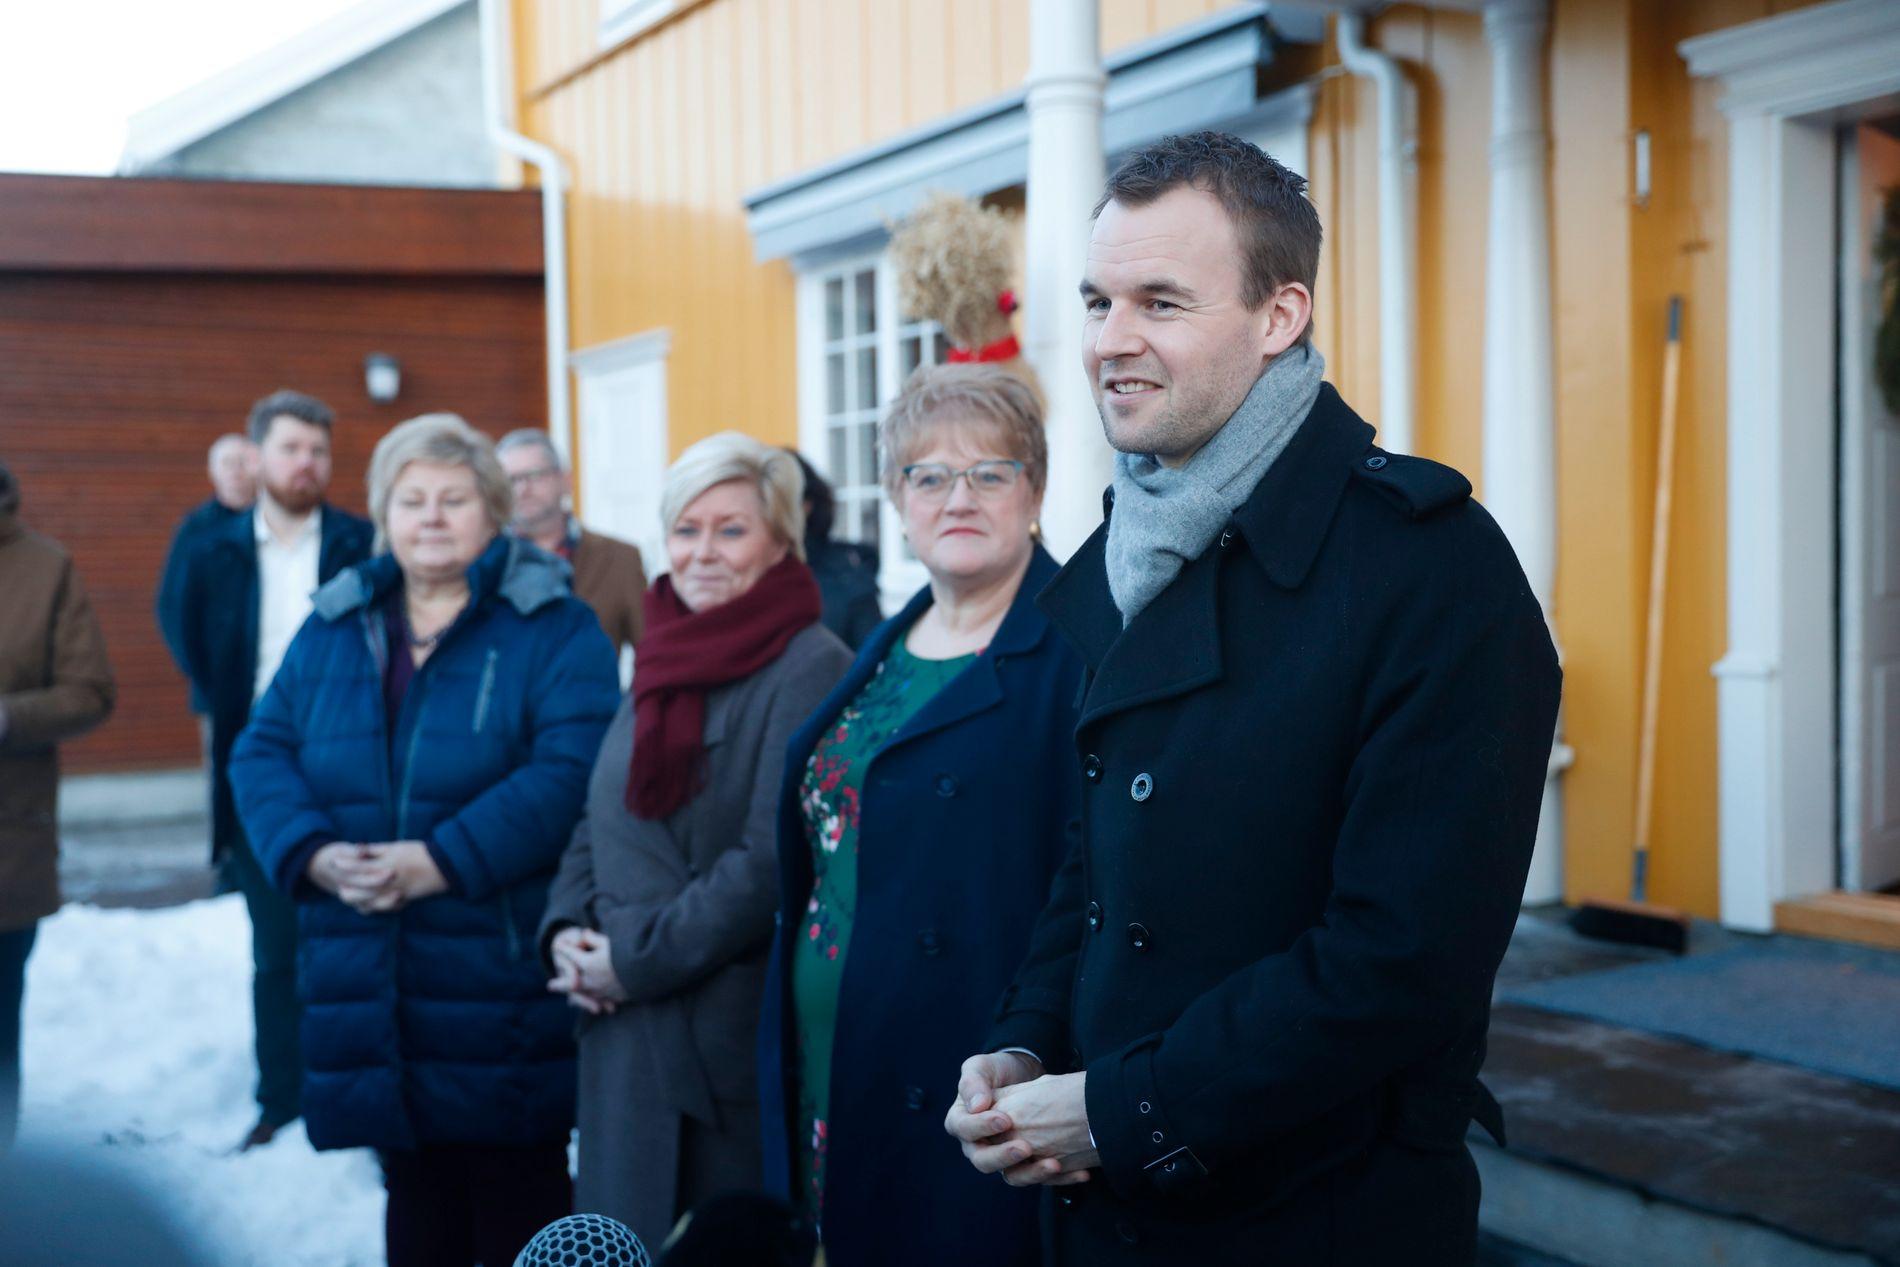 DYRE KOMPROMISS: Erna Solberg (H) må ta ansvar for at regjeringsforhandlingane ikkje vert for kostbare for staten. Frå v. Erna Solberg (H), Siv Jensen (Frp), Trine Skei Grande (V) og Kjell Ingolf Ropstad (KrF).